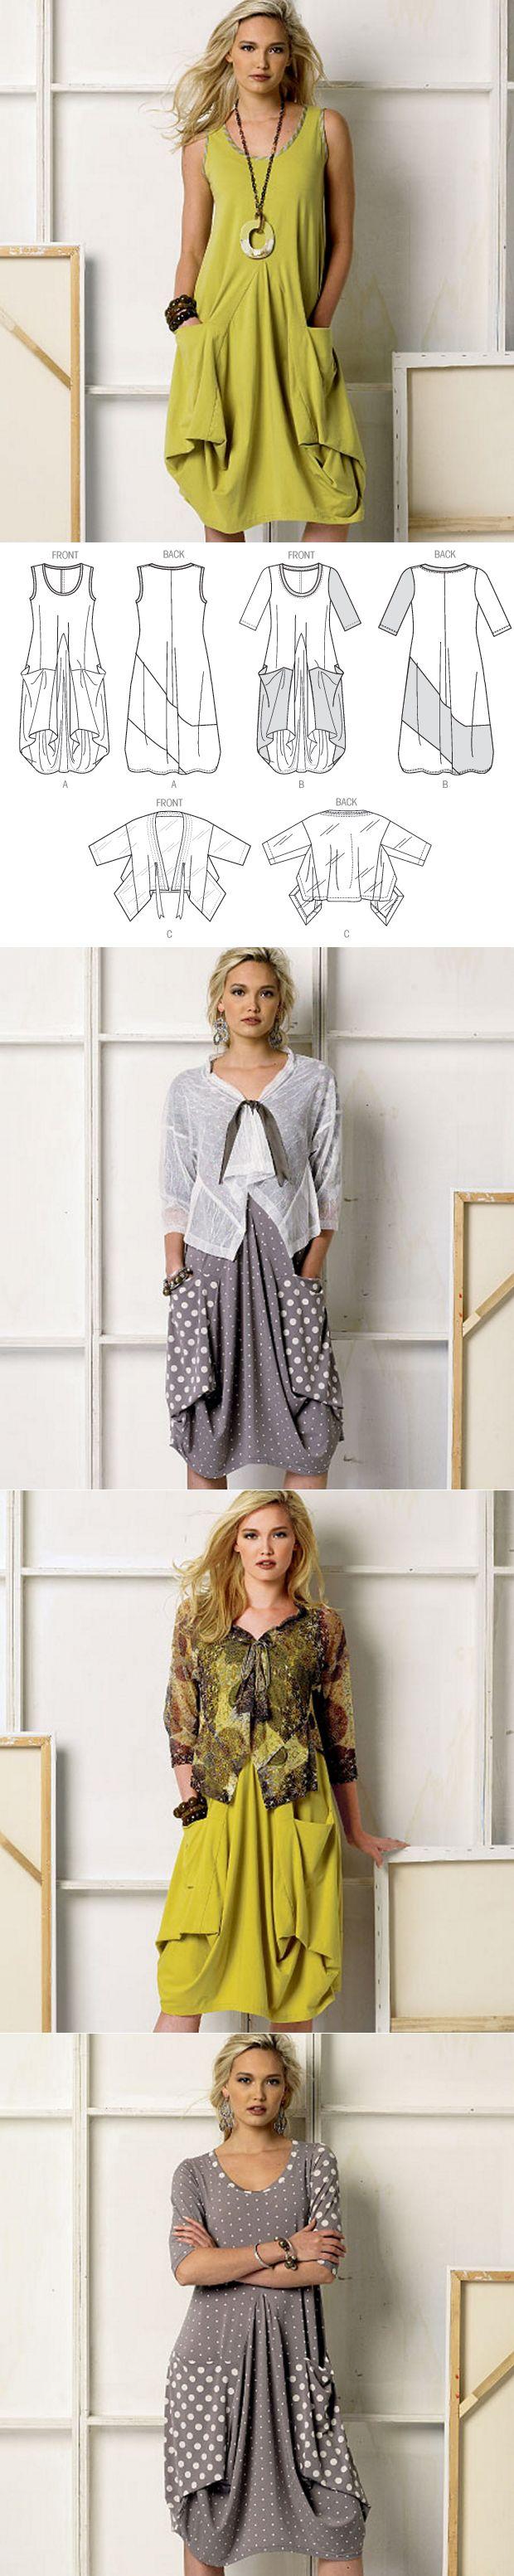 Vogue 8975 Misses' Dress and Jacket...<3 Deniz <3